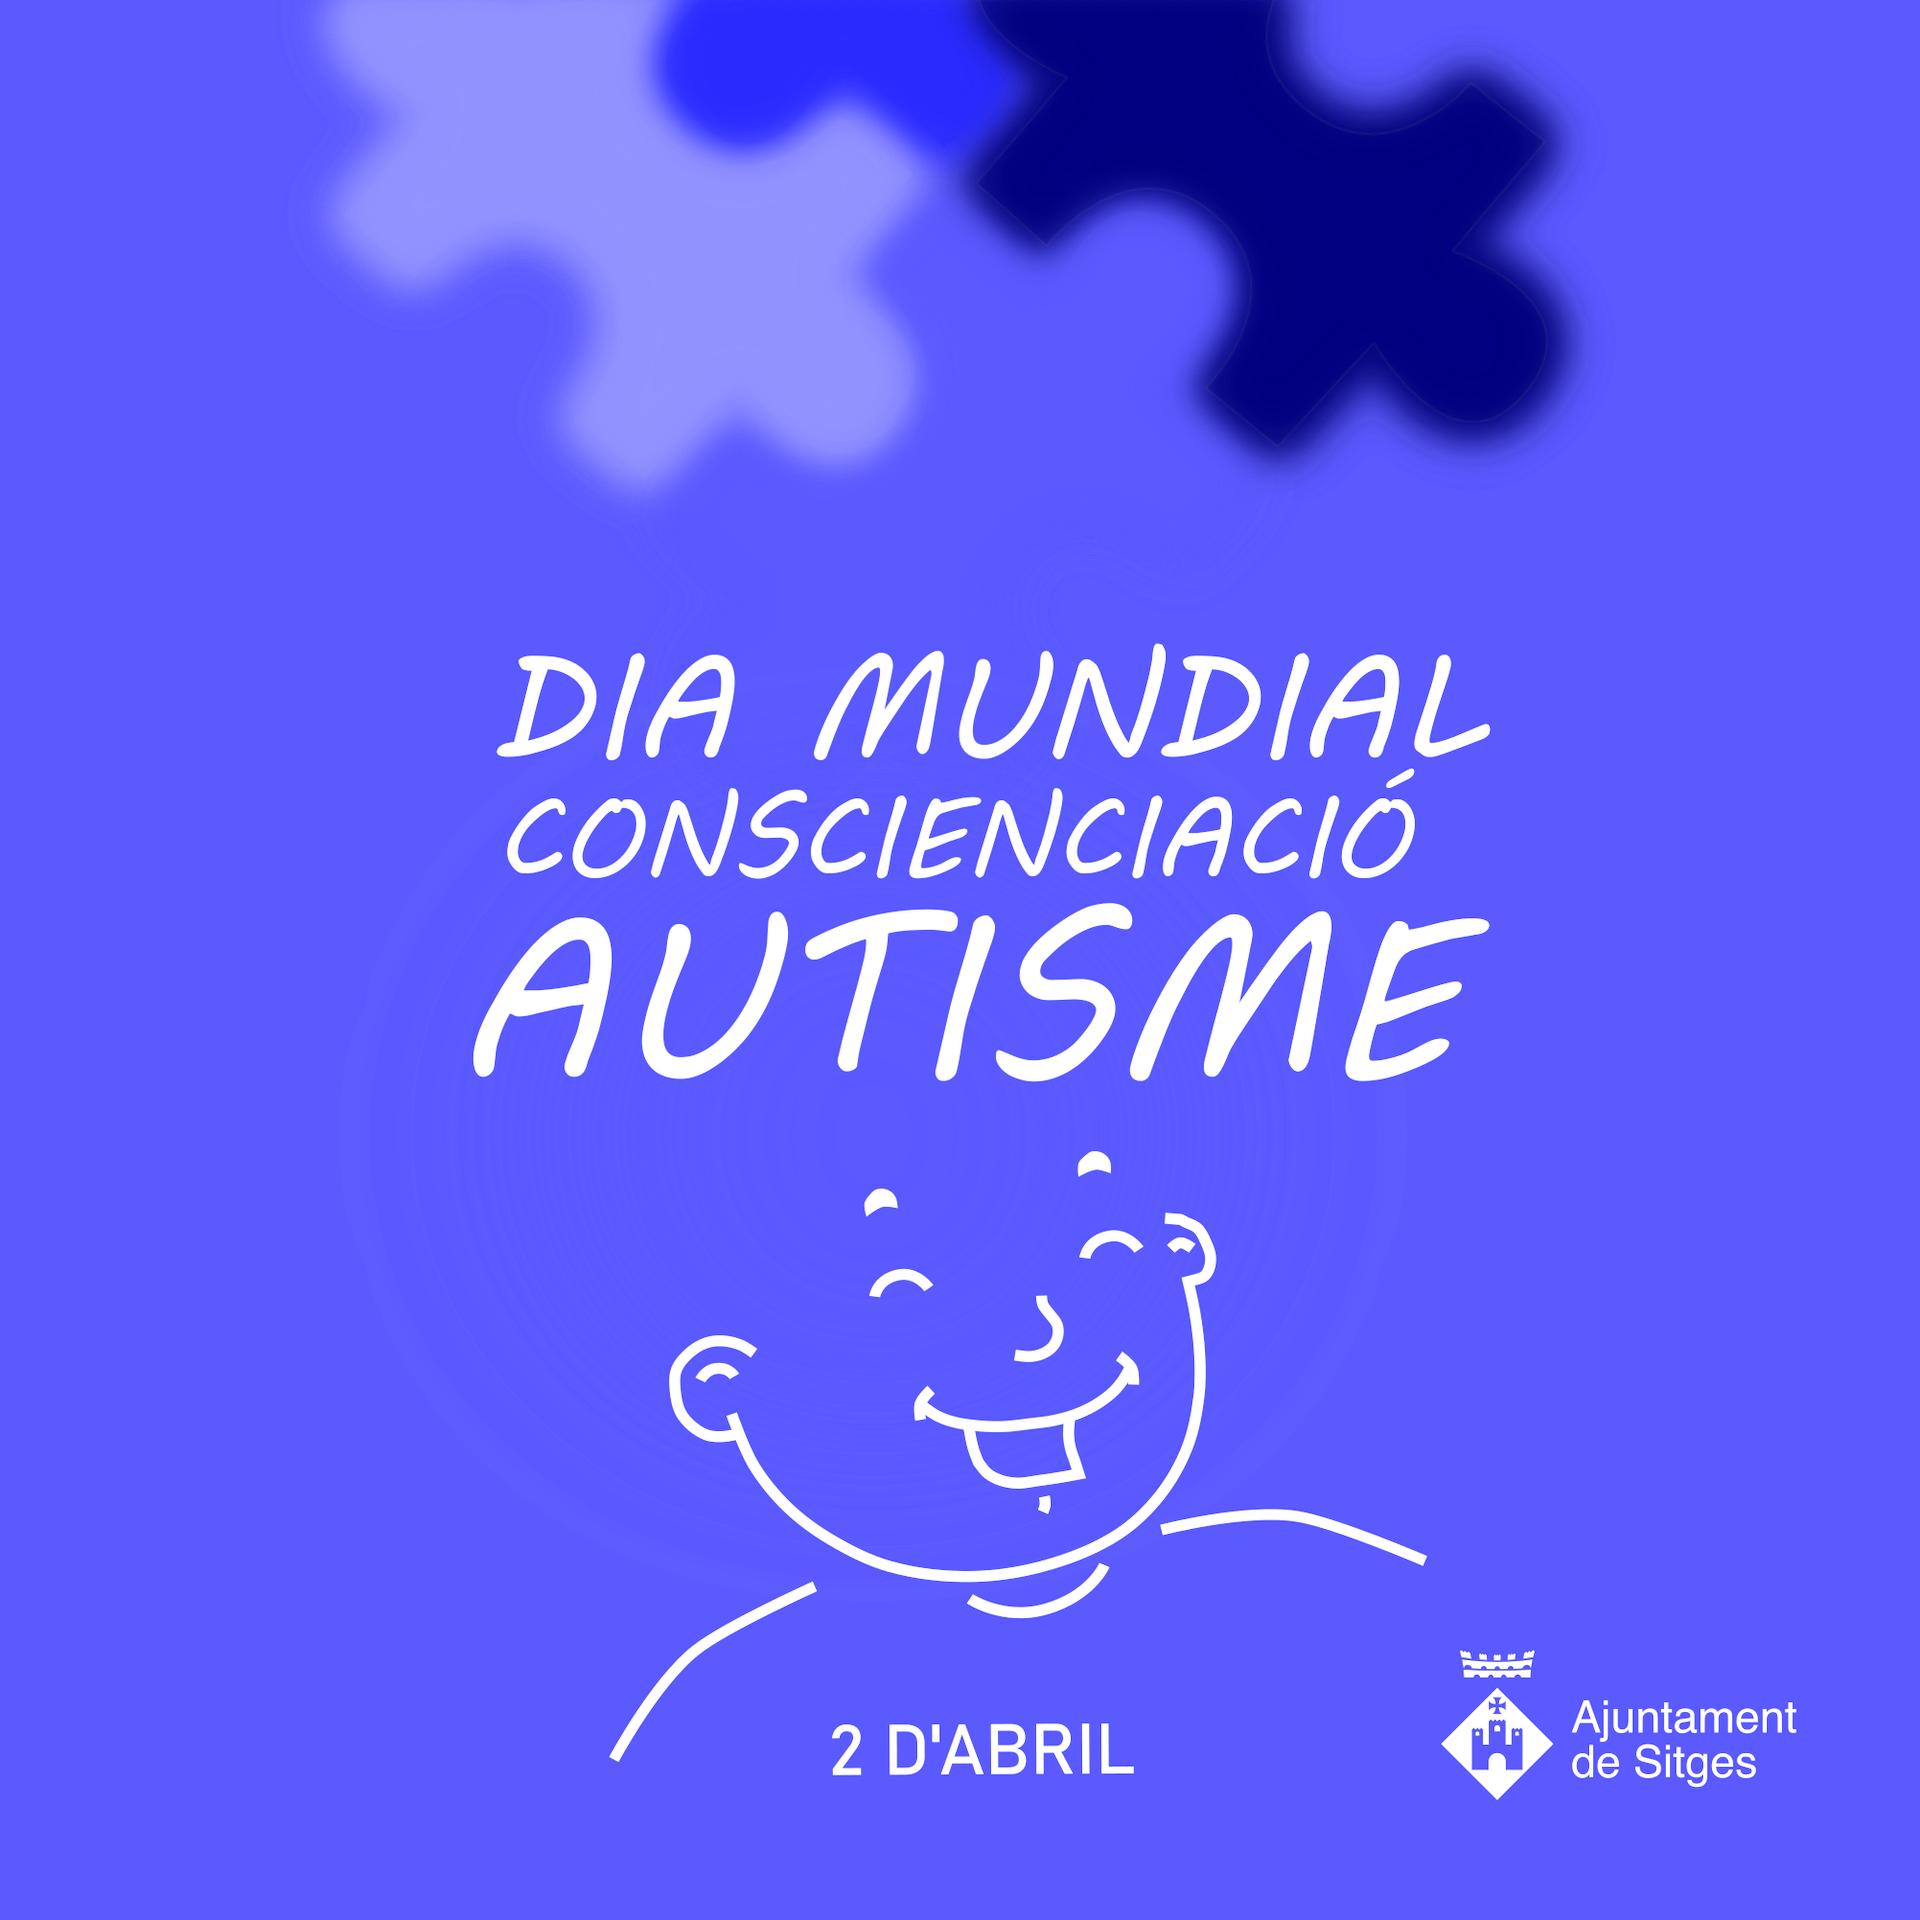 L'Ajuntament se suma al Dia Mundial de Conscienciació sobre l'Autisme